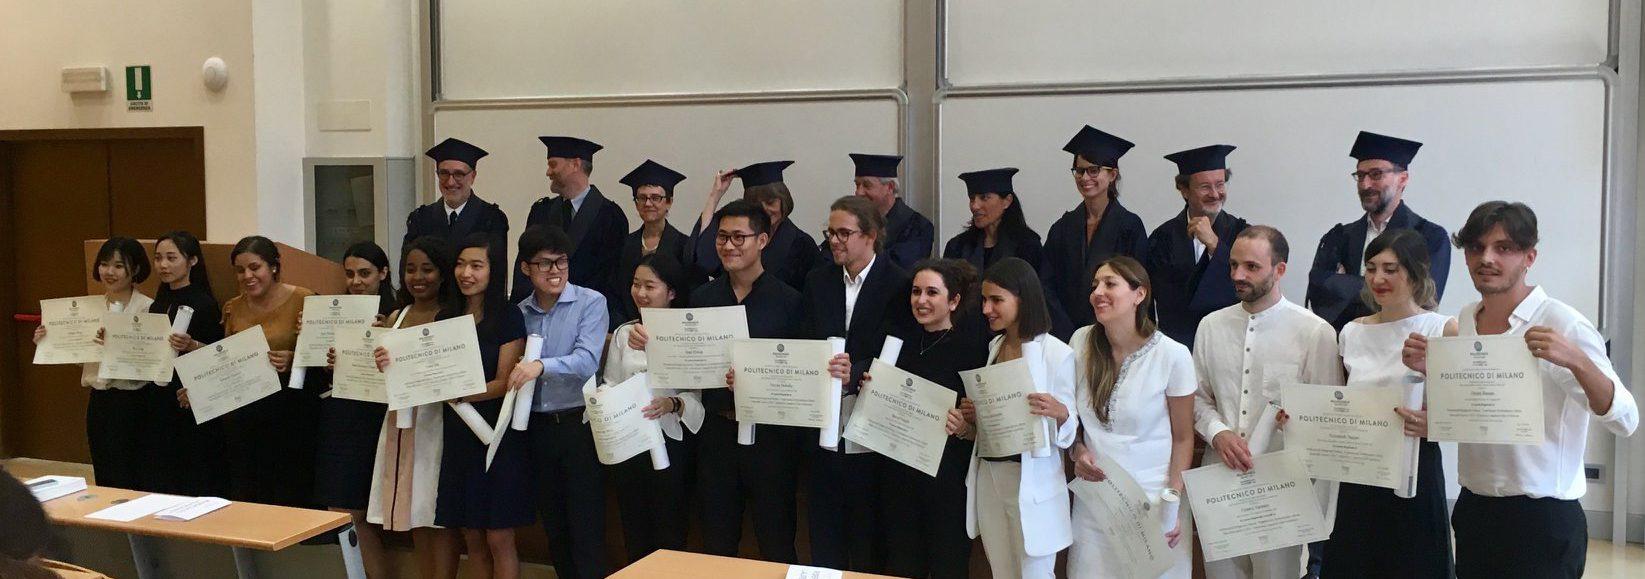 MSc Architectural Design and History_graduations_mantova campus_politecnico di milano